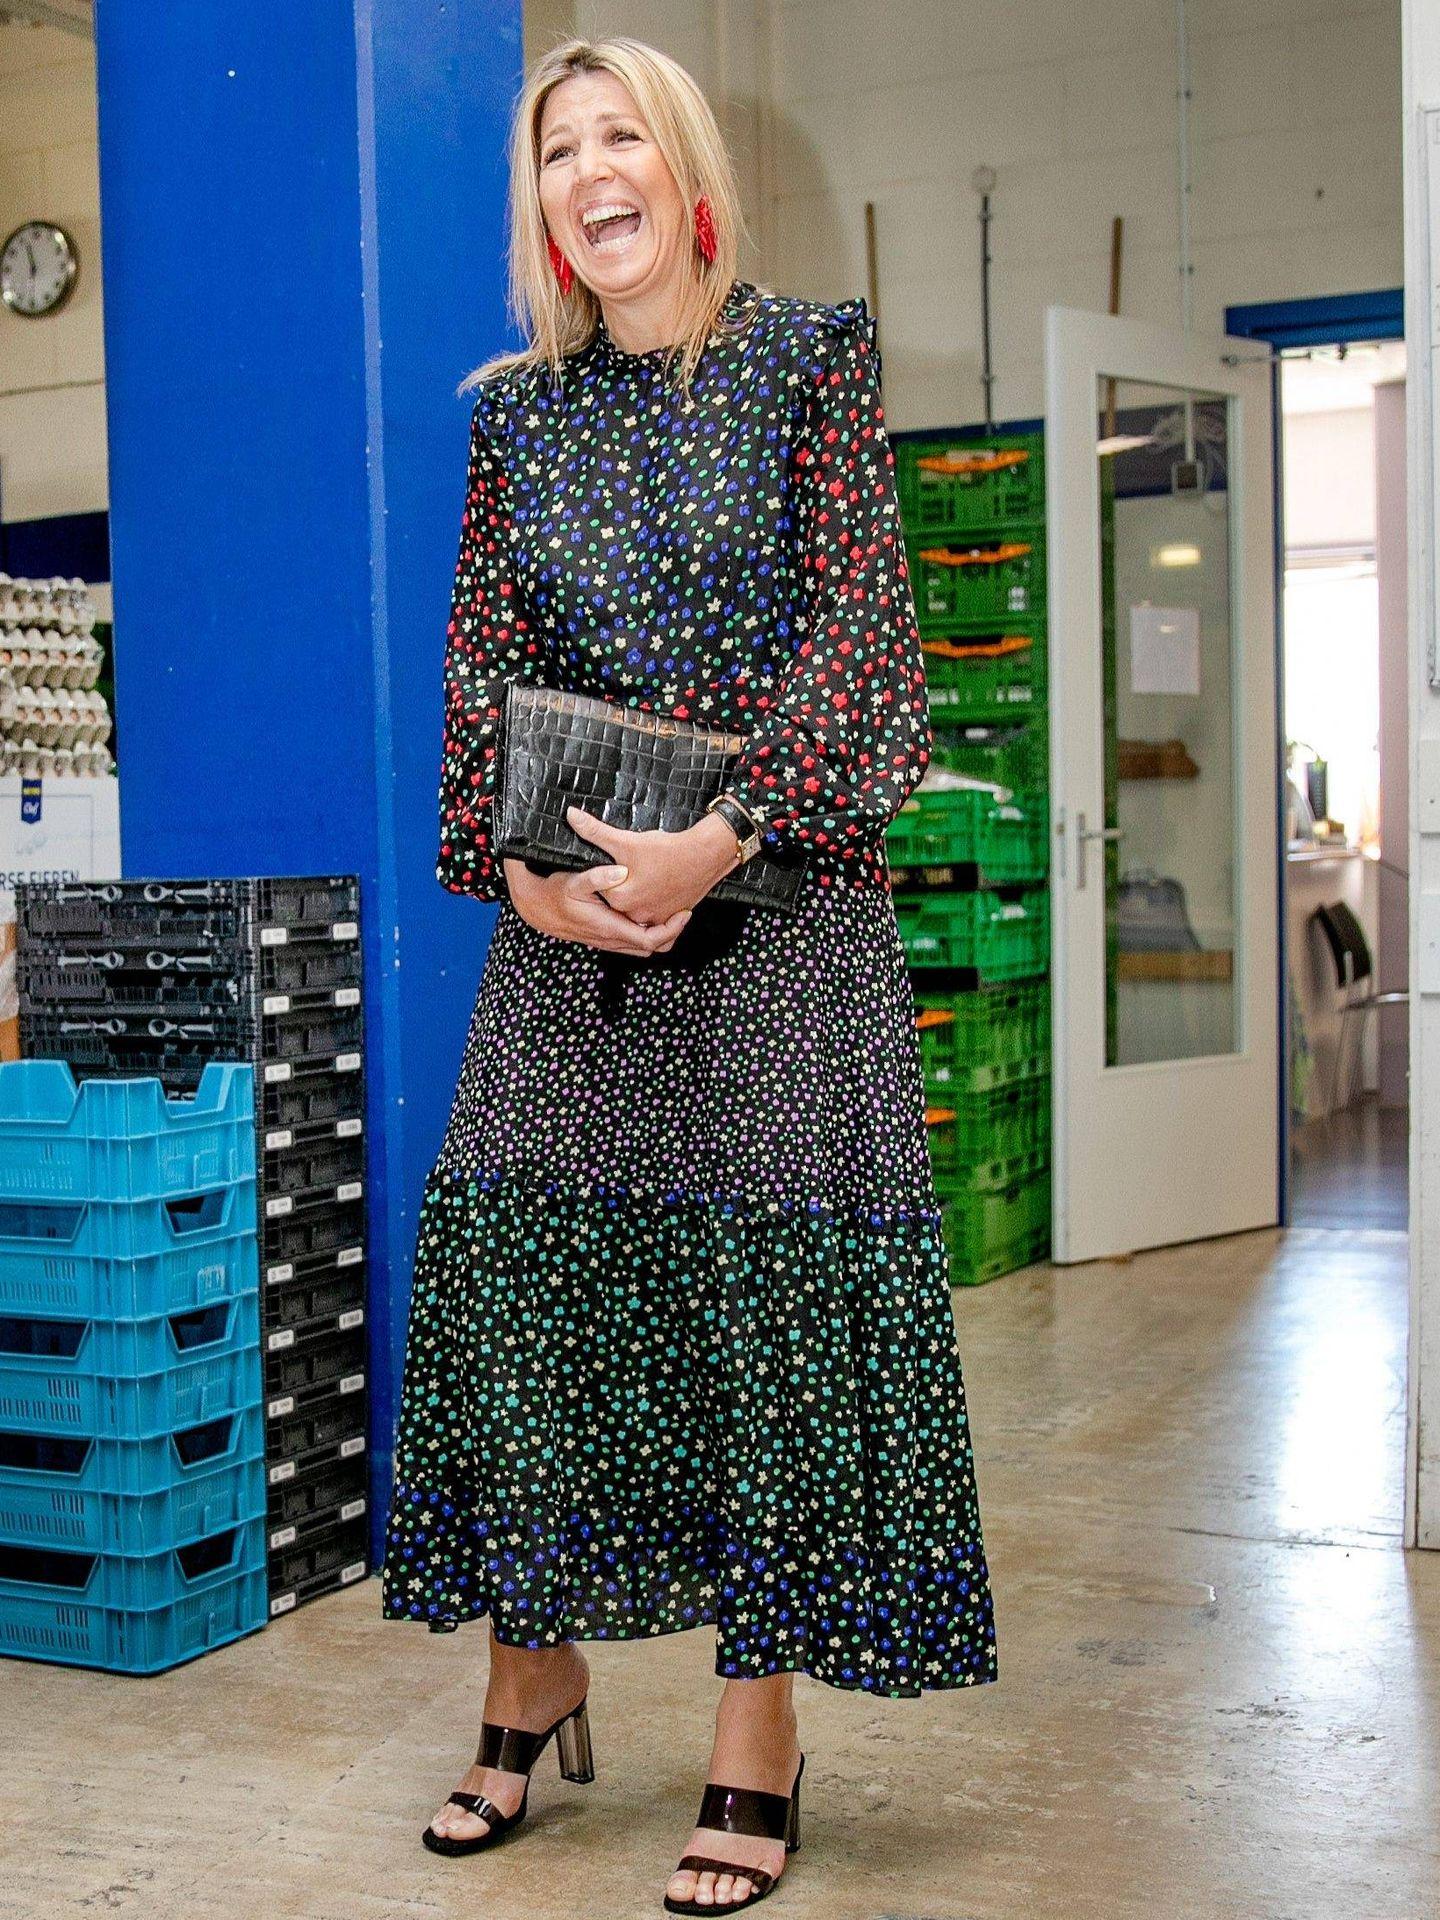 La reina Máxima visita el Banco de Alimentos la semana pasada. (Cordon Press)